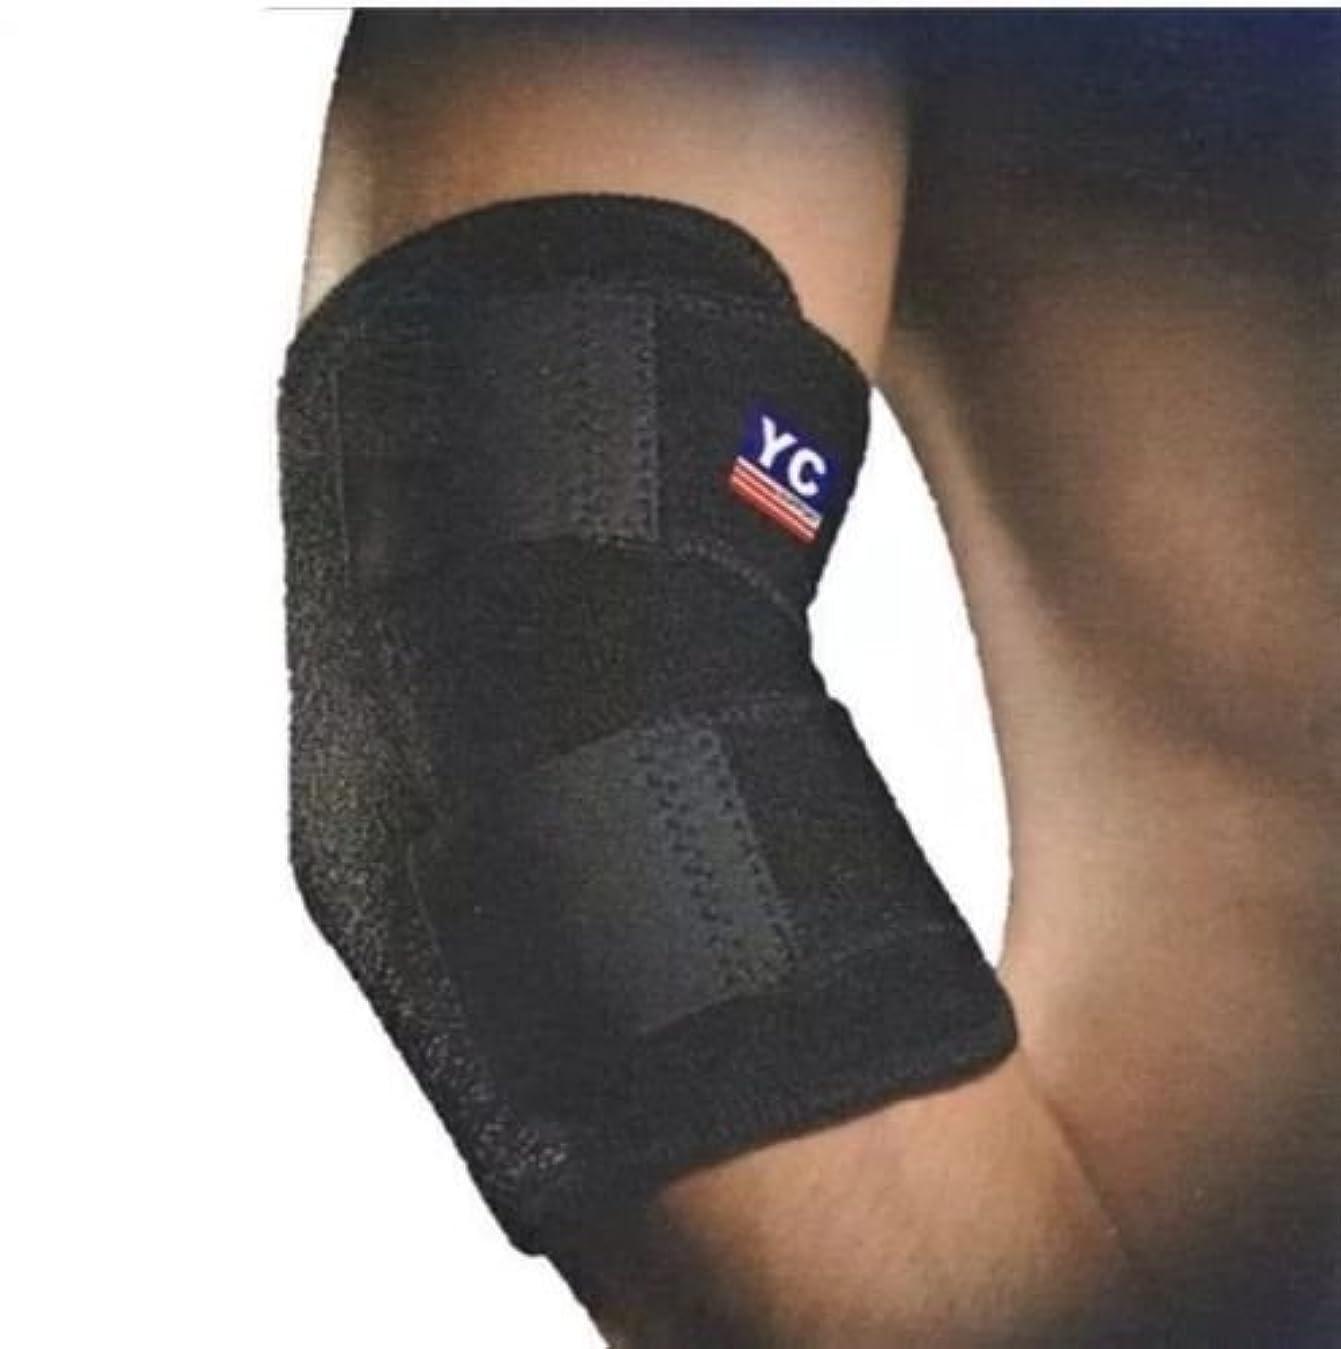 からかうスチュワーデス形状ネオプレン 調節可 肘サポート テニス 関節炎 巻き付け固定具 ジム スポーツ